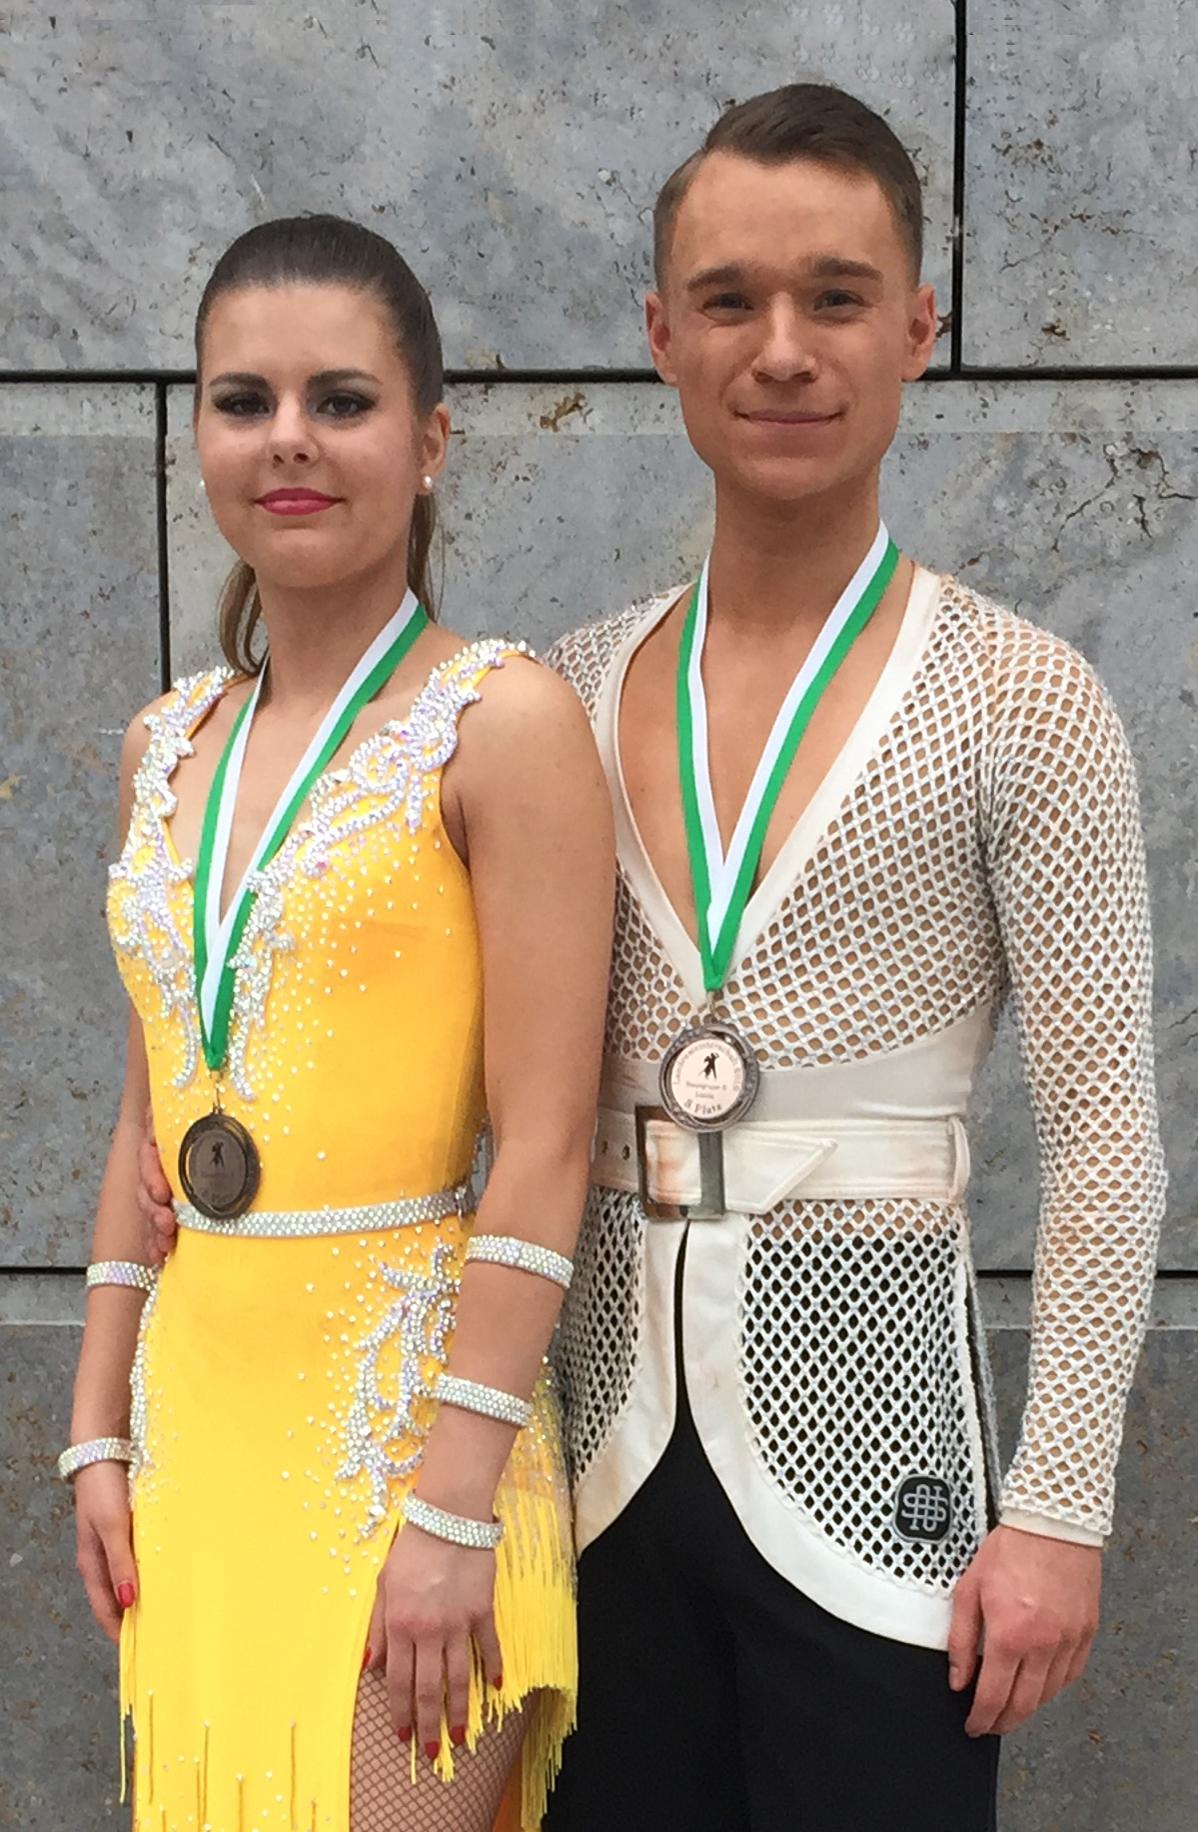 Marc Hörnig / Sophie Uhlmann